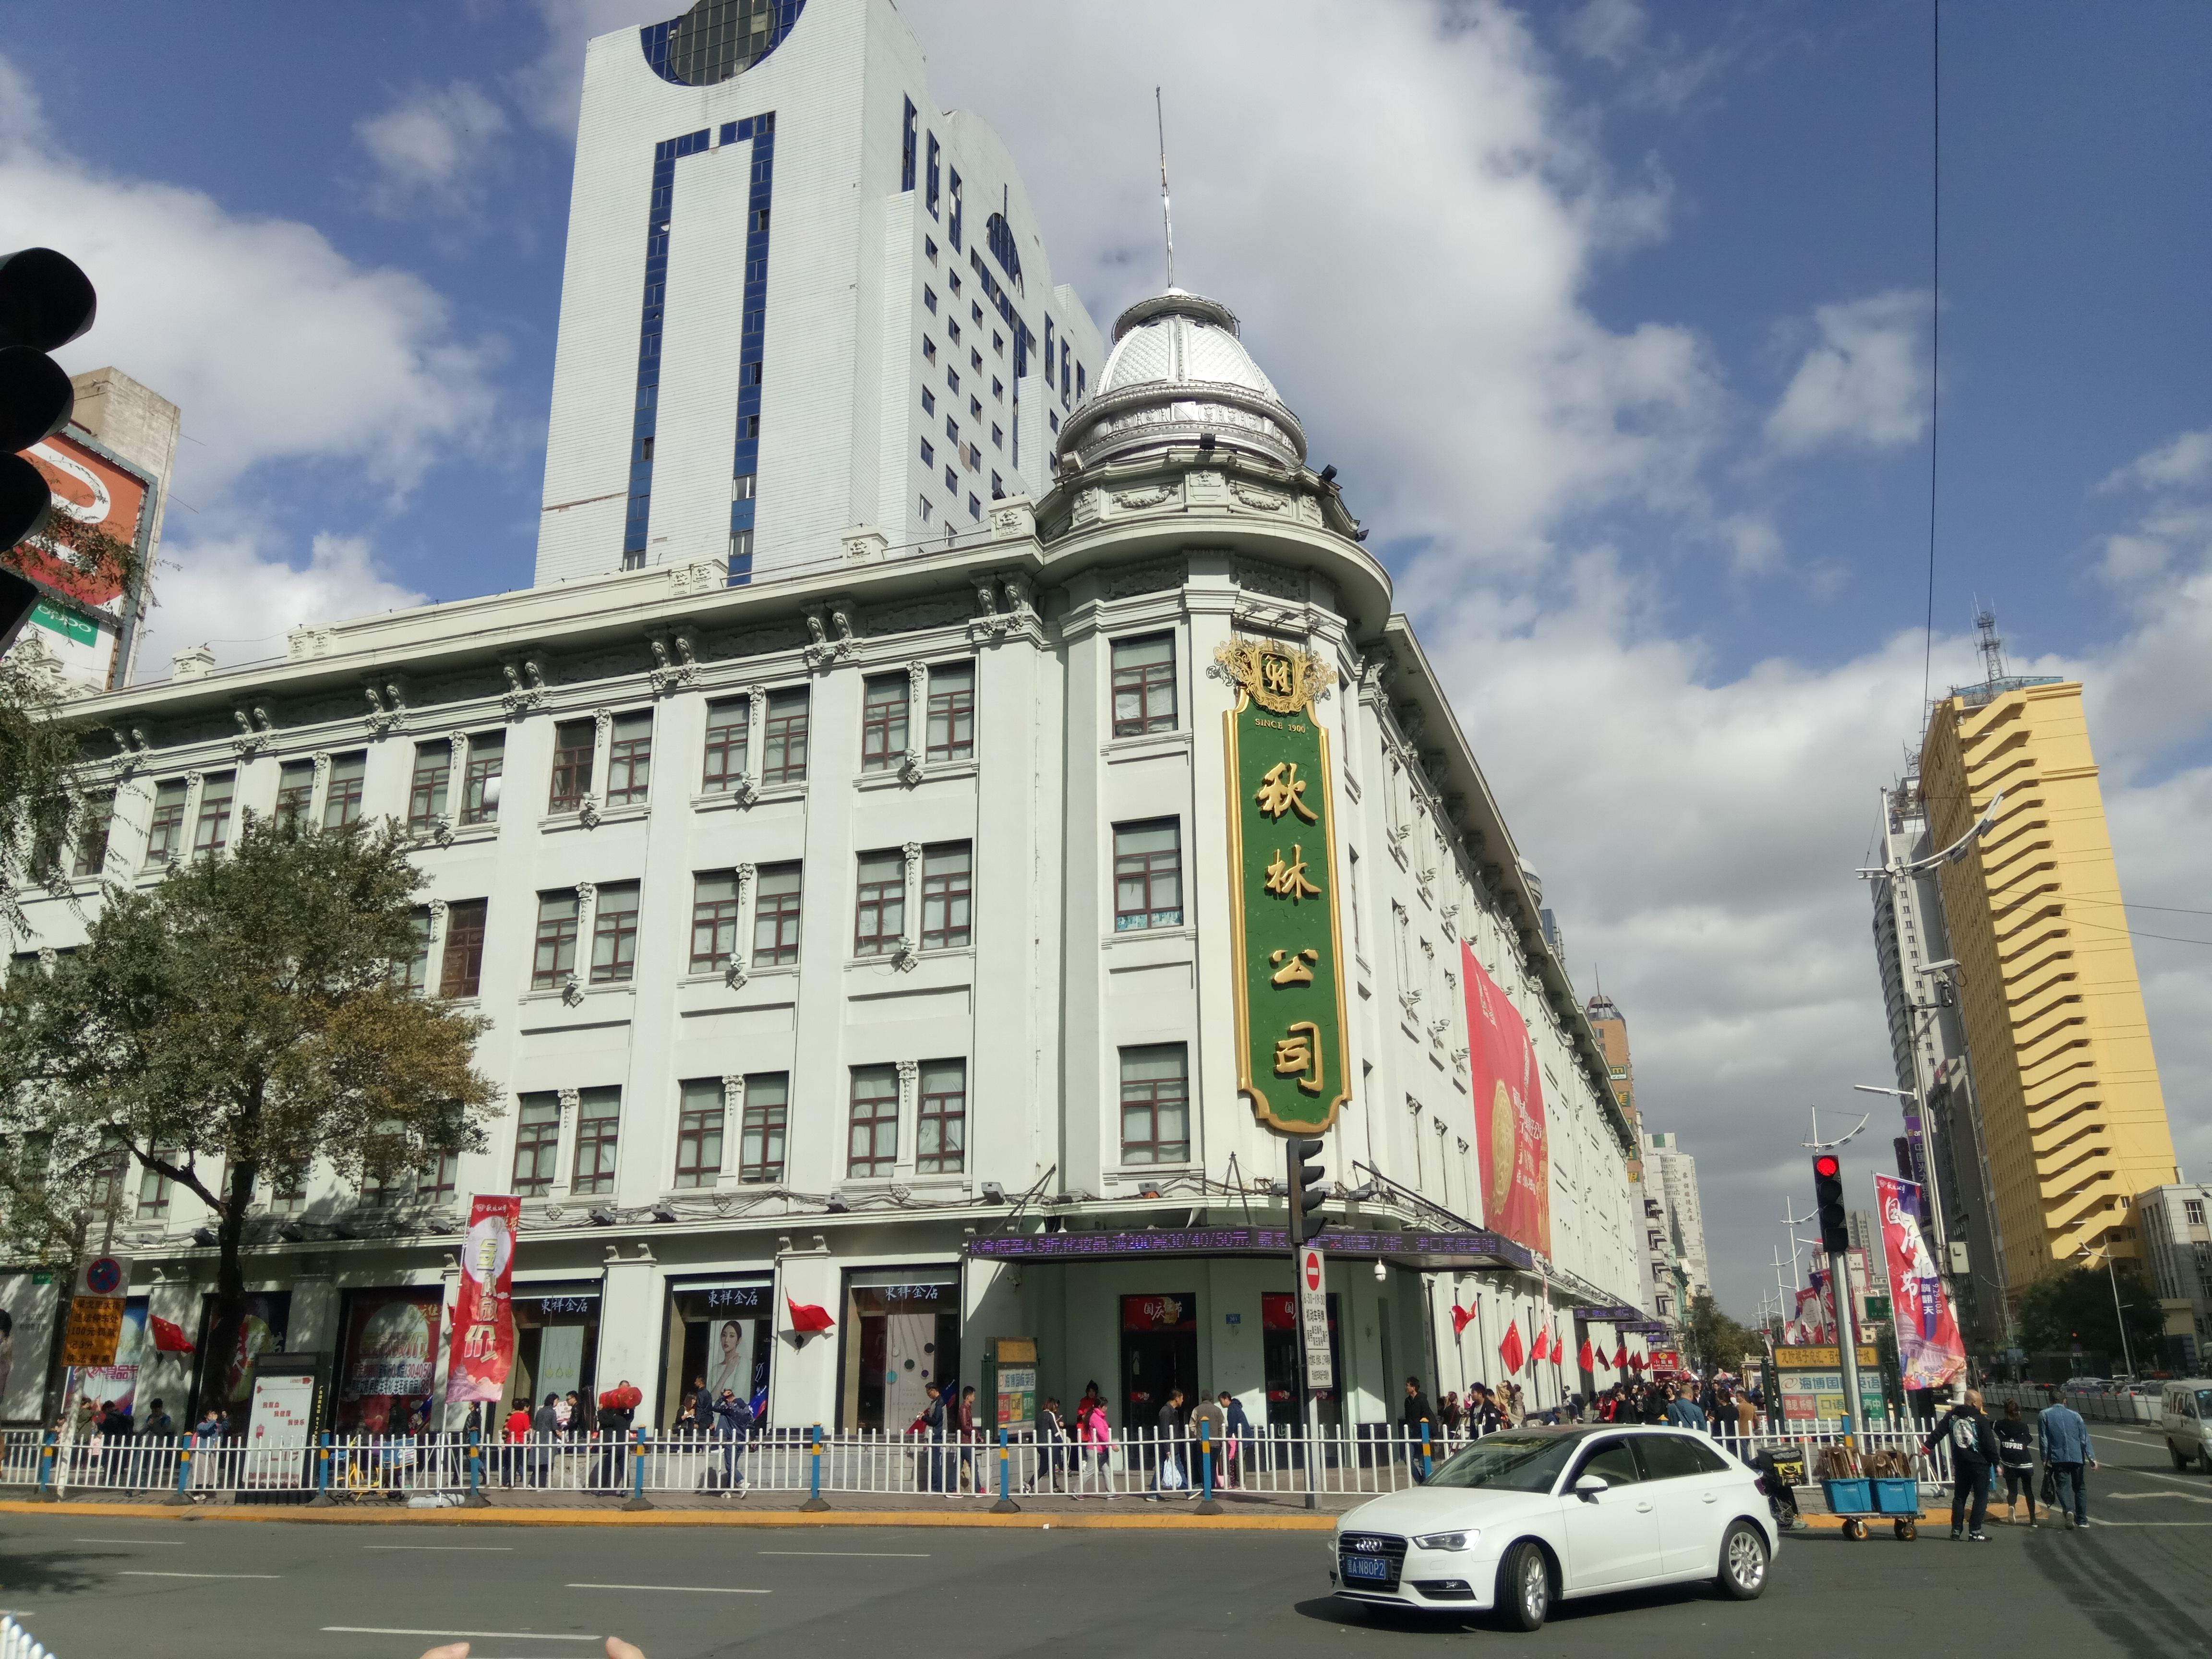 哈尔滨秋林公司怎么样/如何去,秋林公司购物好不好图片